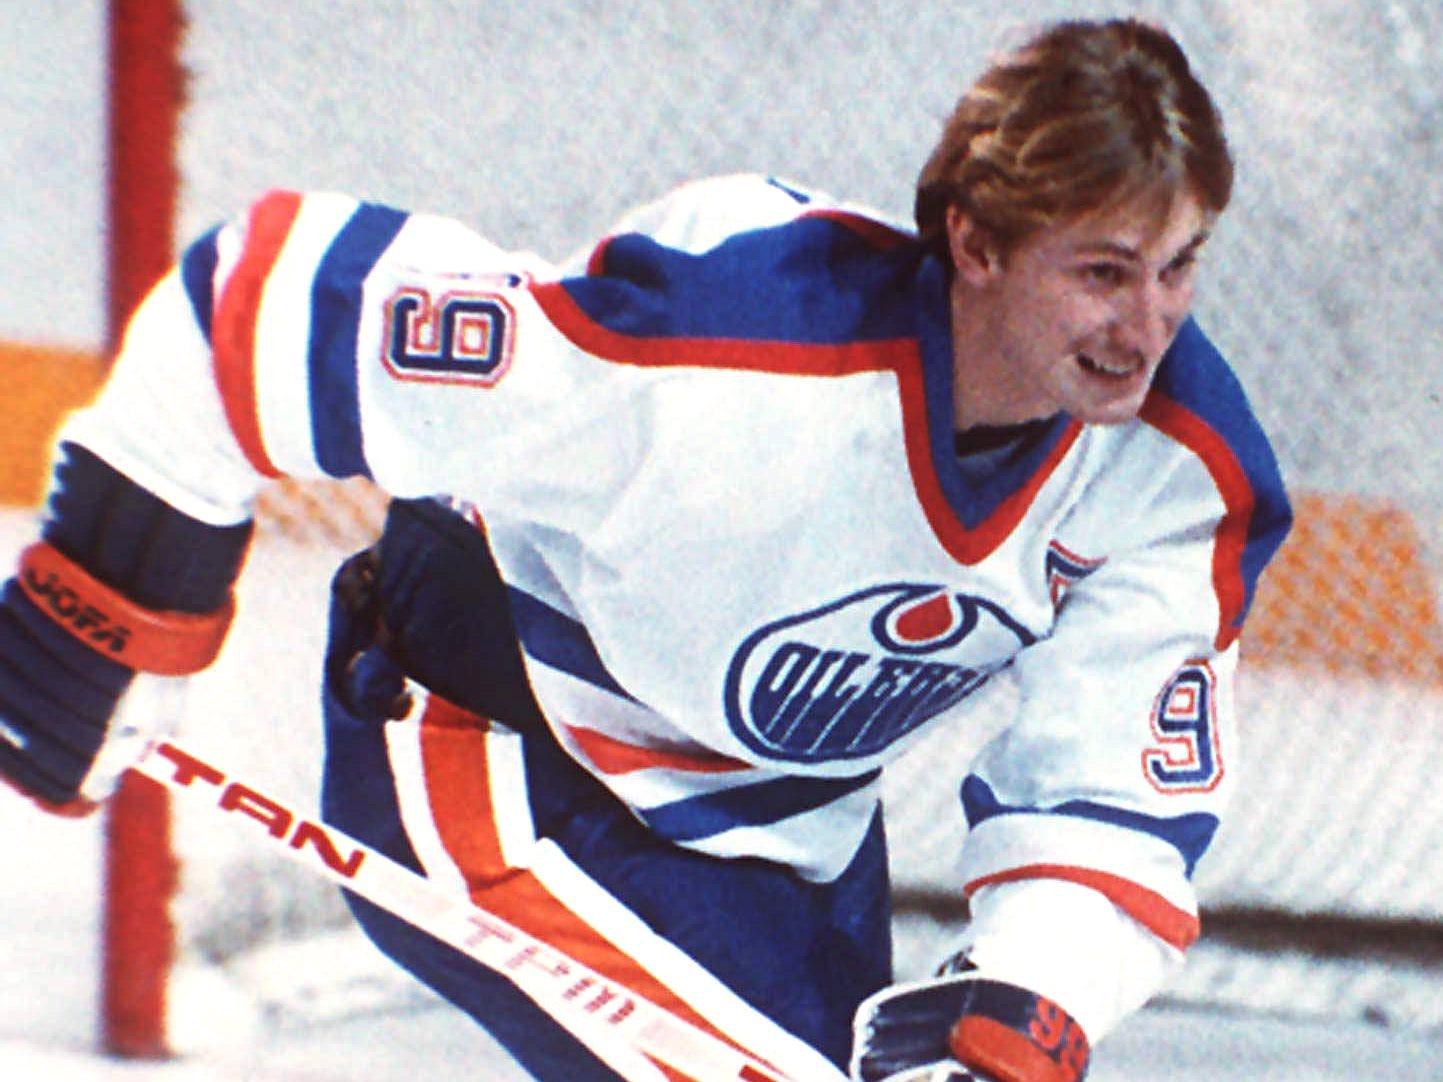 99. Wayne Gretzky (1979-99)